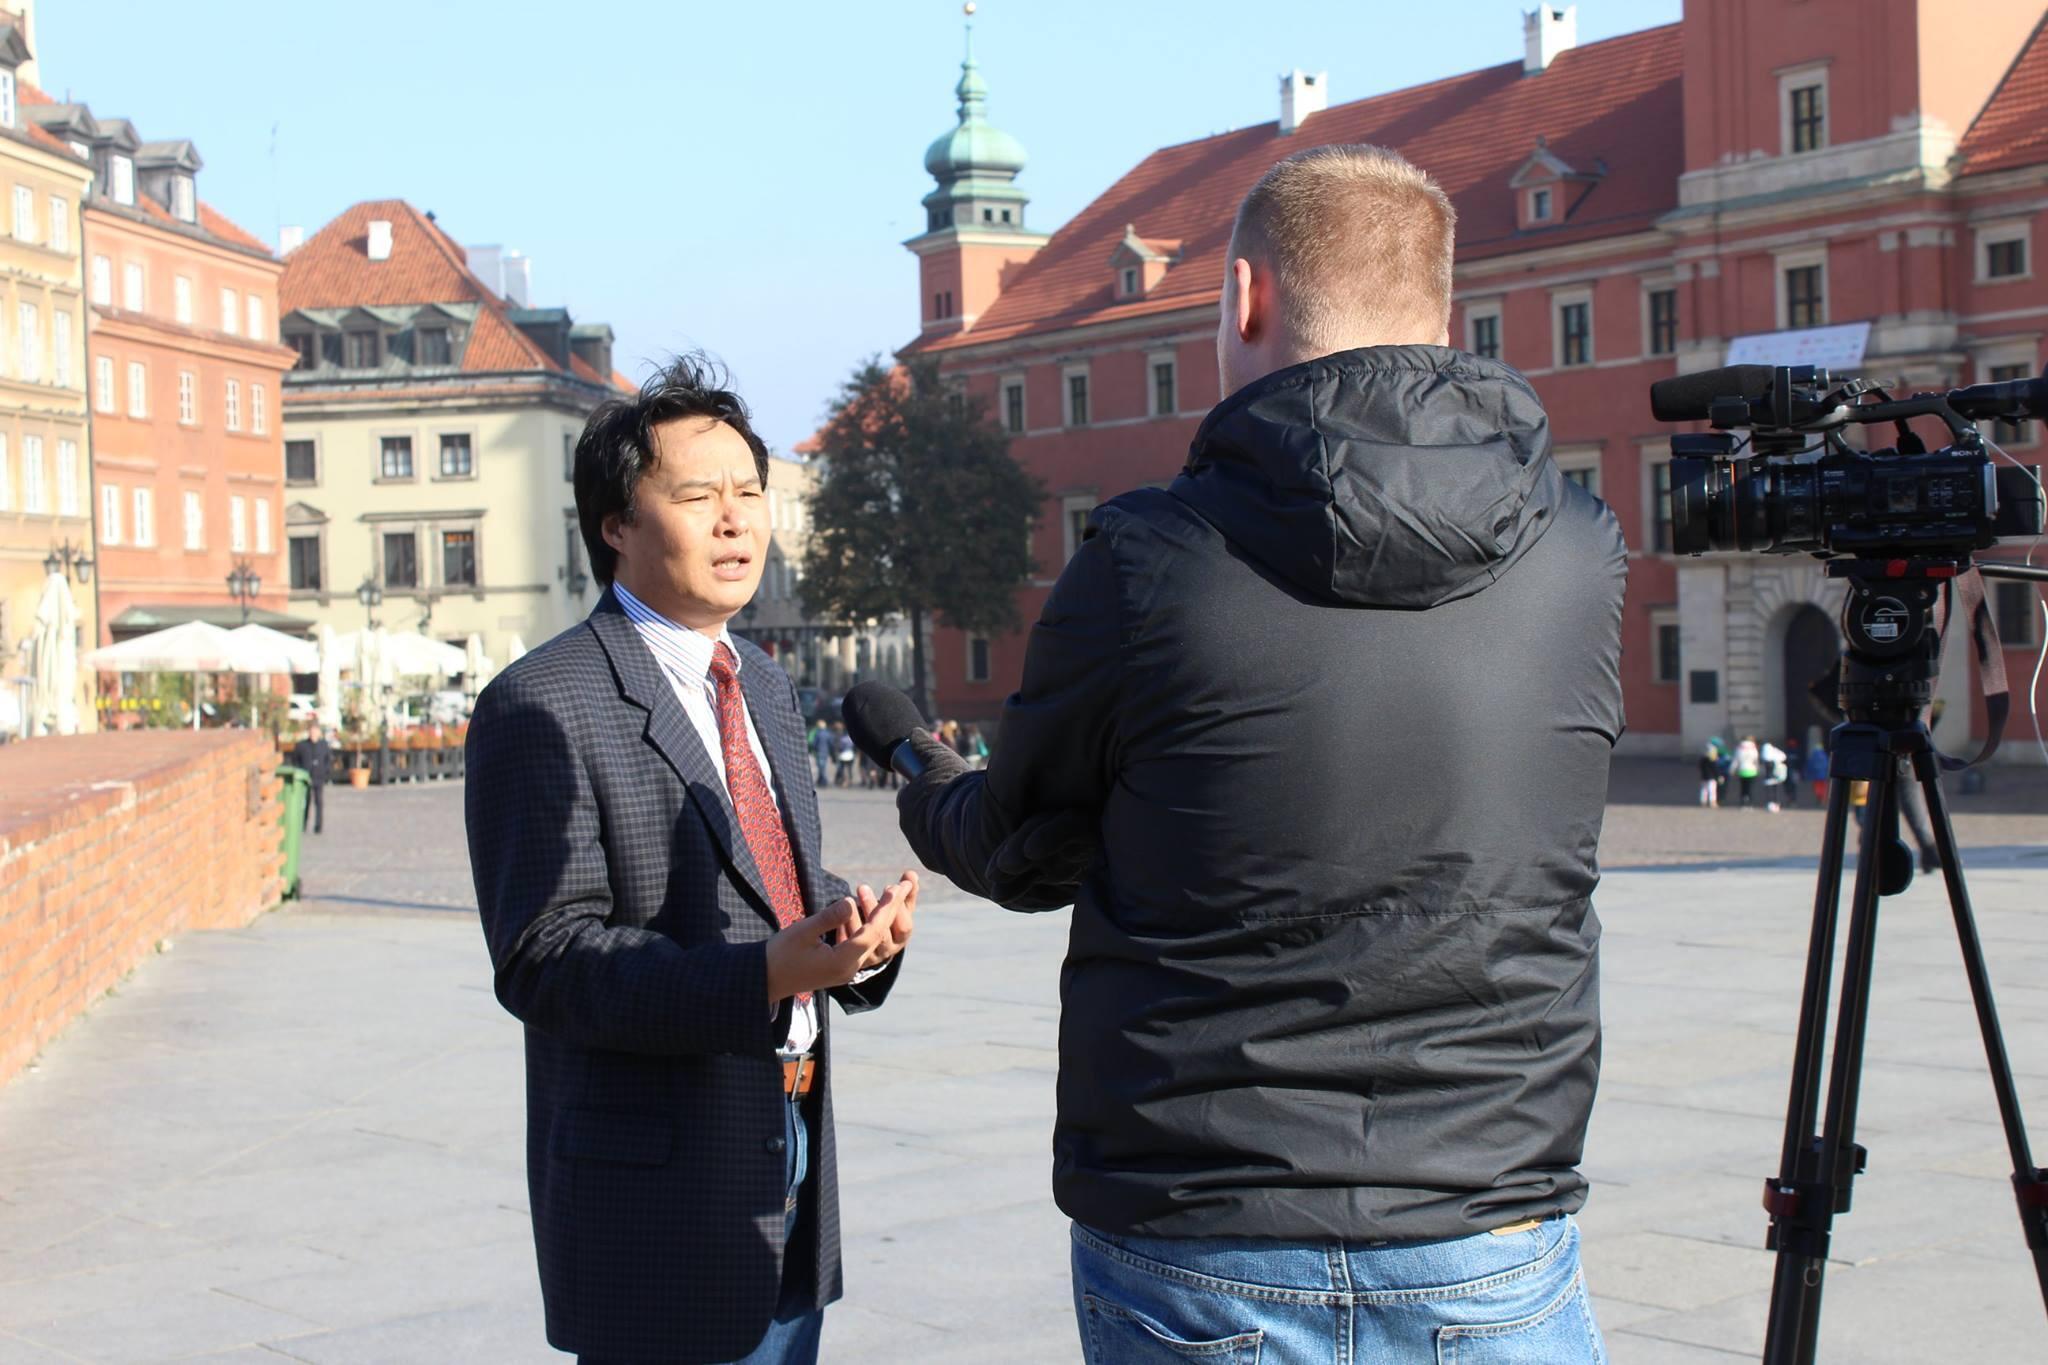 Ứng cử viên Ngô Văn Tưởng đang trả lời phỏng vấn tại Vacxava.